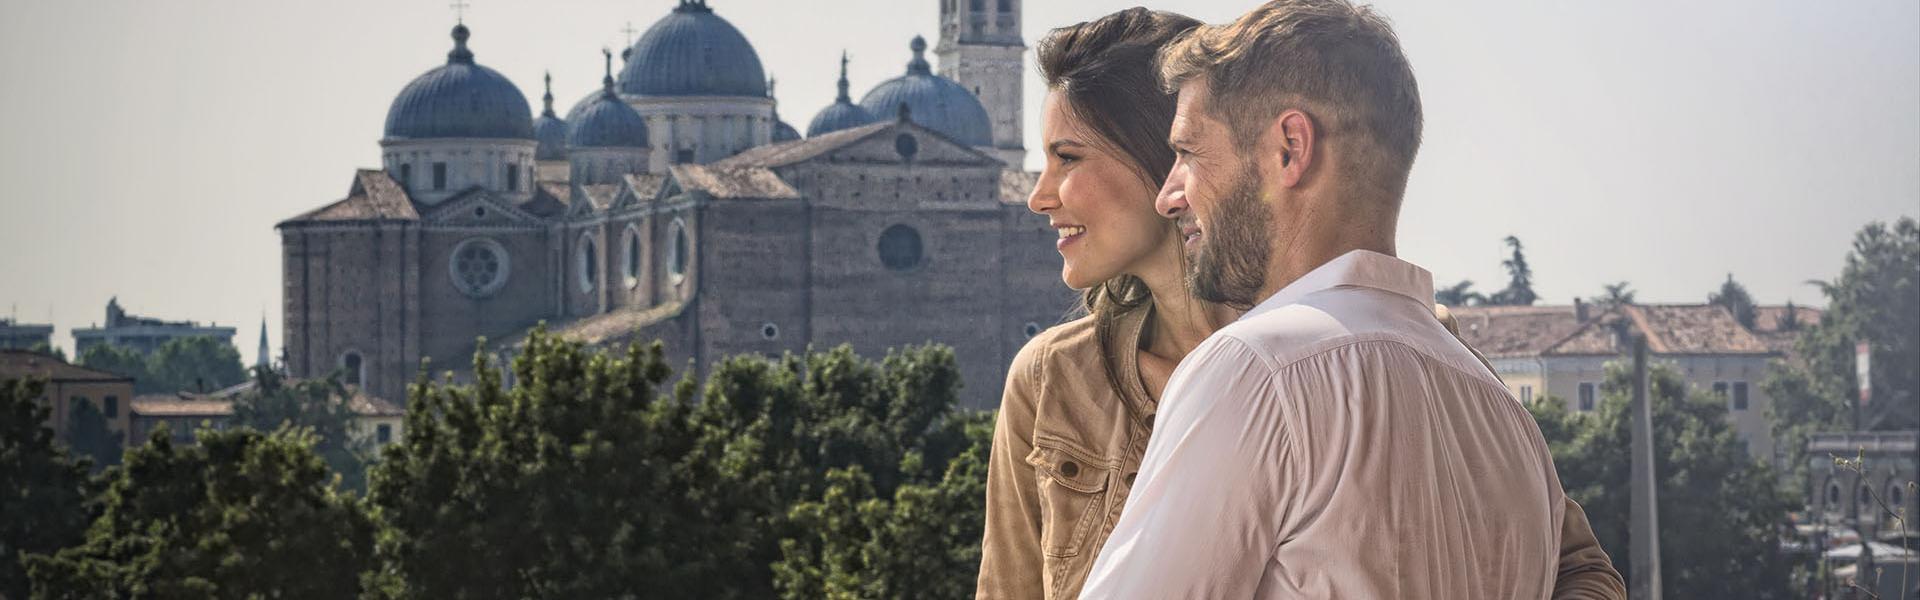 Padova Travel Weekend